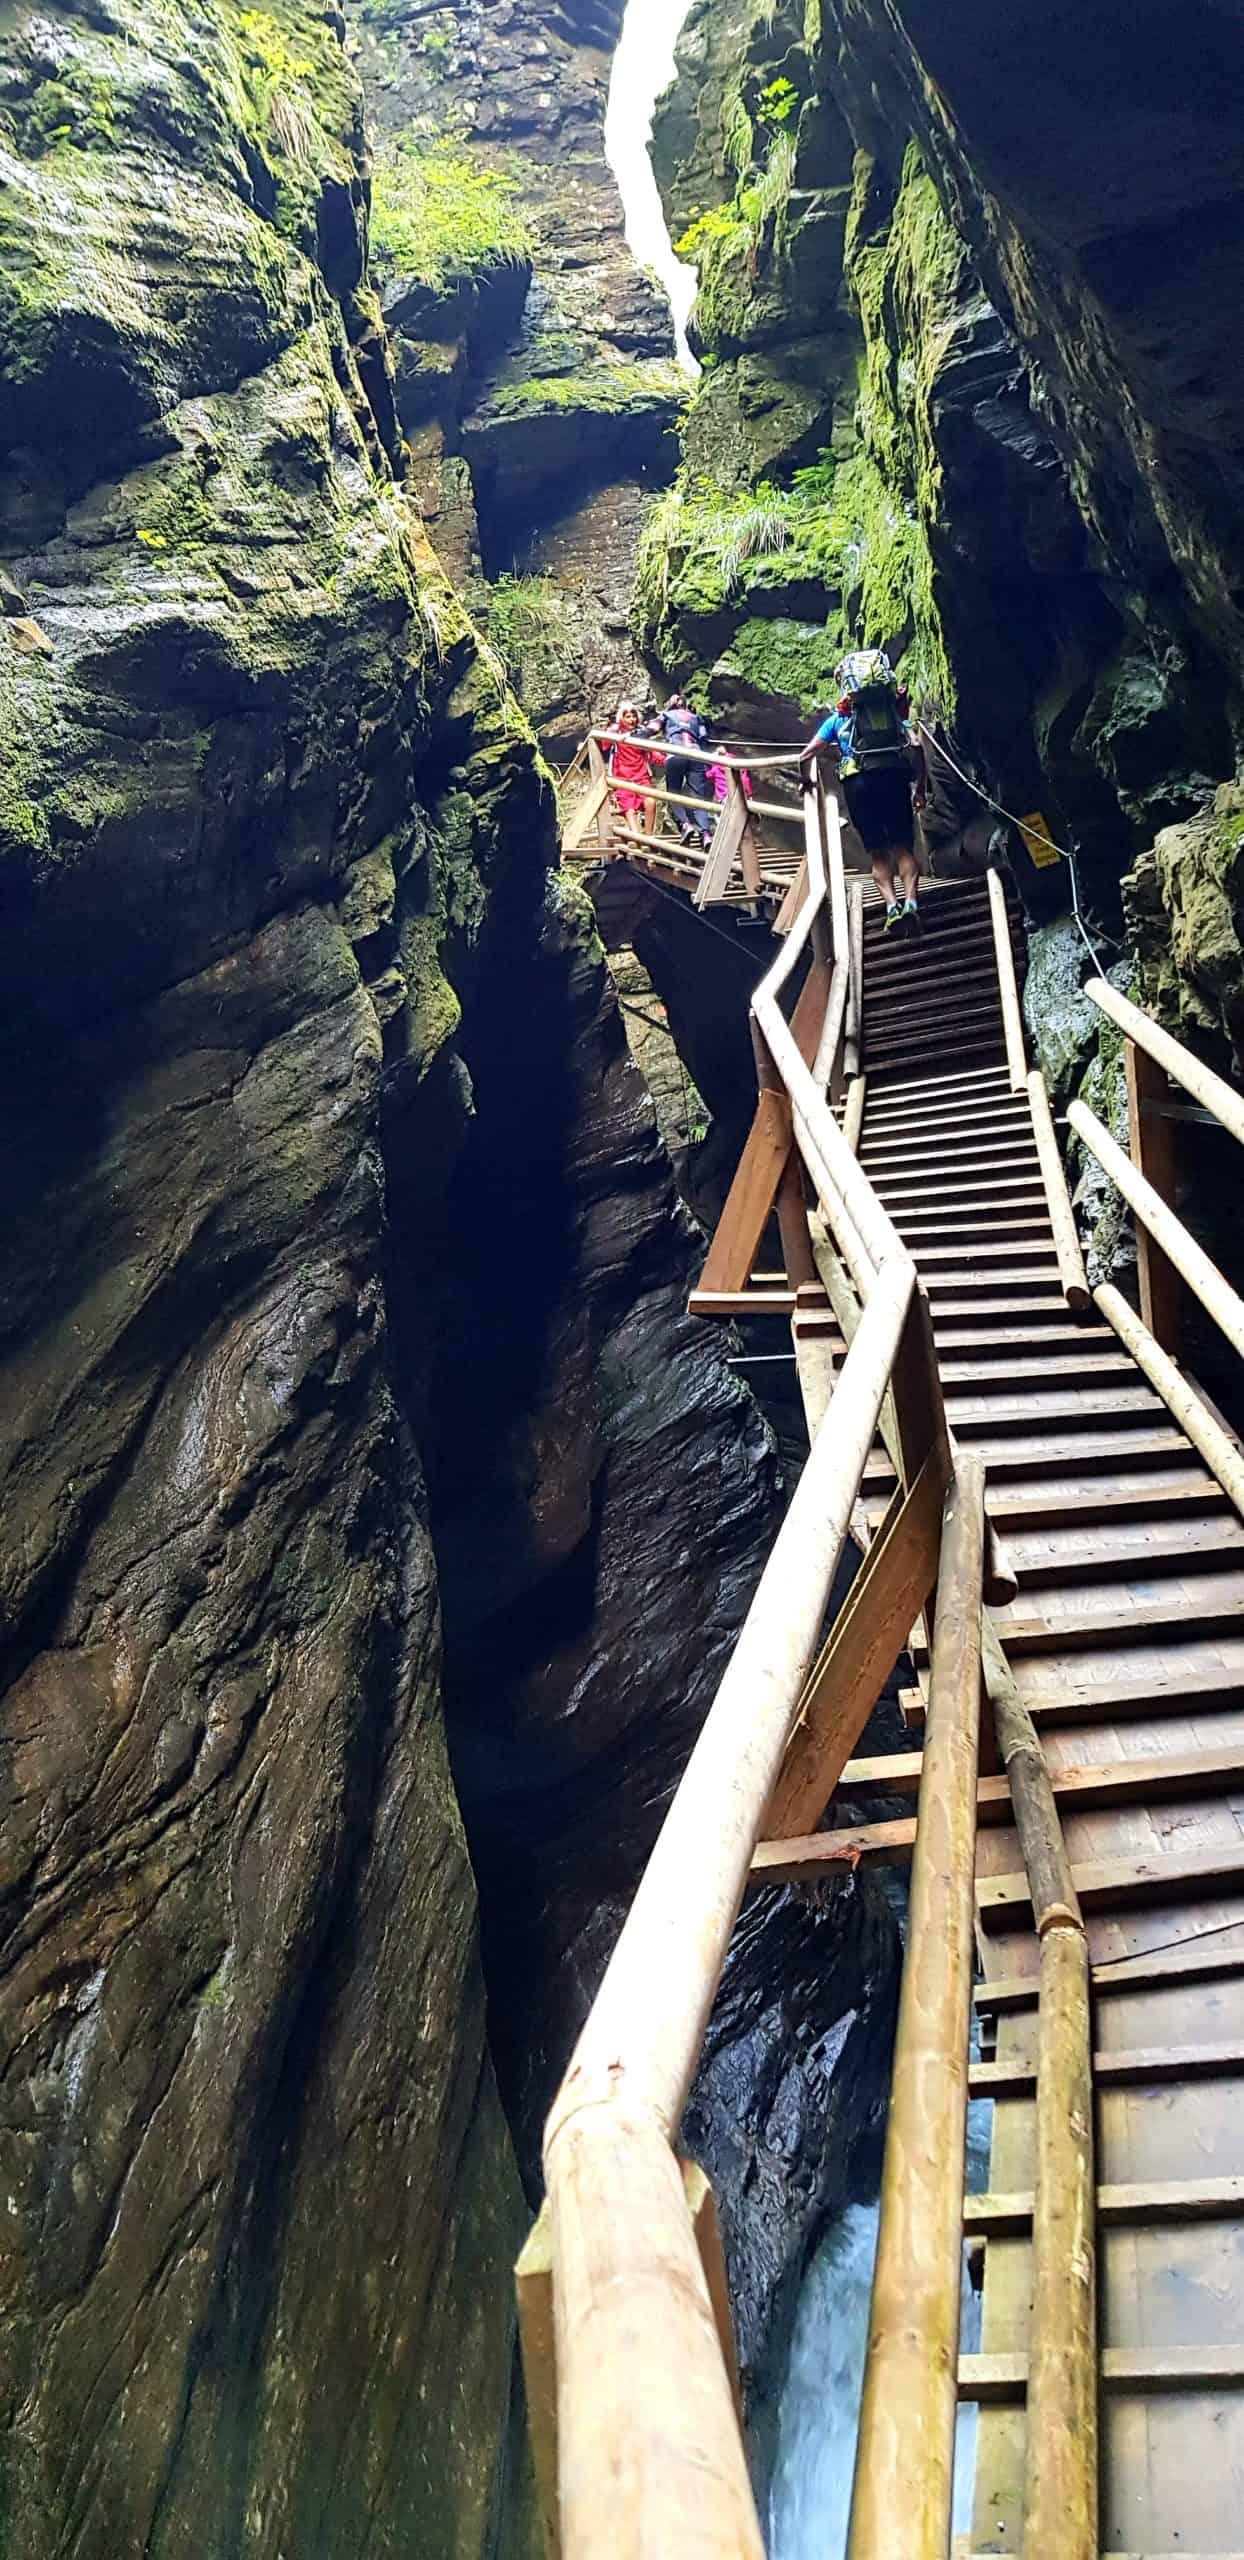 Raggaschlucht Flattach Nationalpark Hohe Tauern Kärnten - Ausflugsziel in Österreich. Gratis Eintritt mit Kärnten Card.